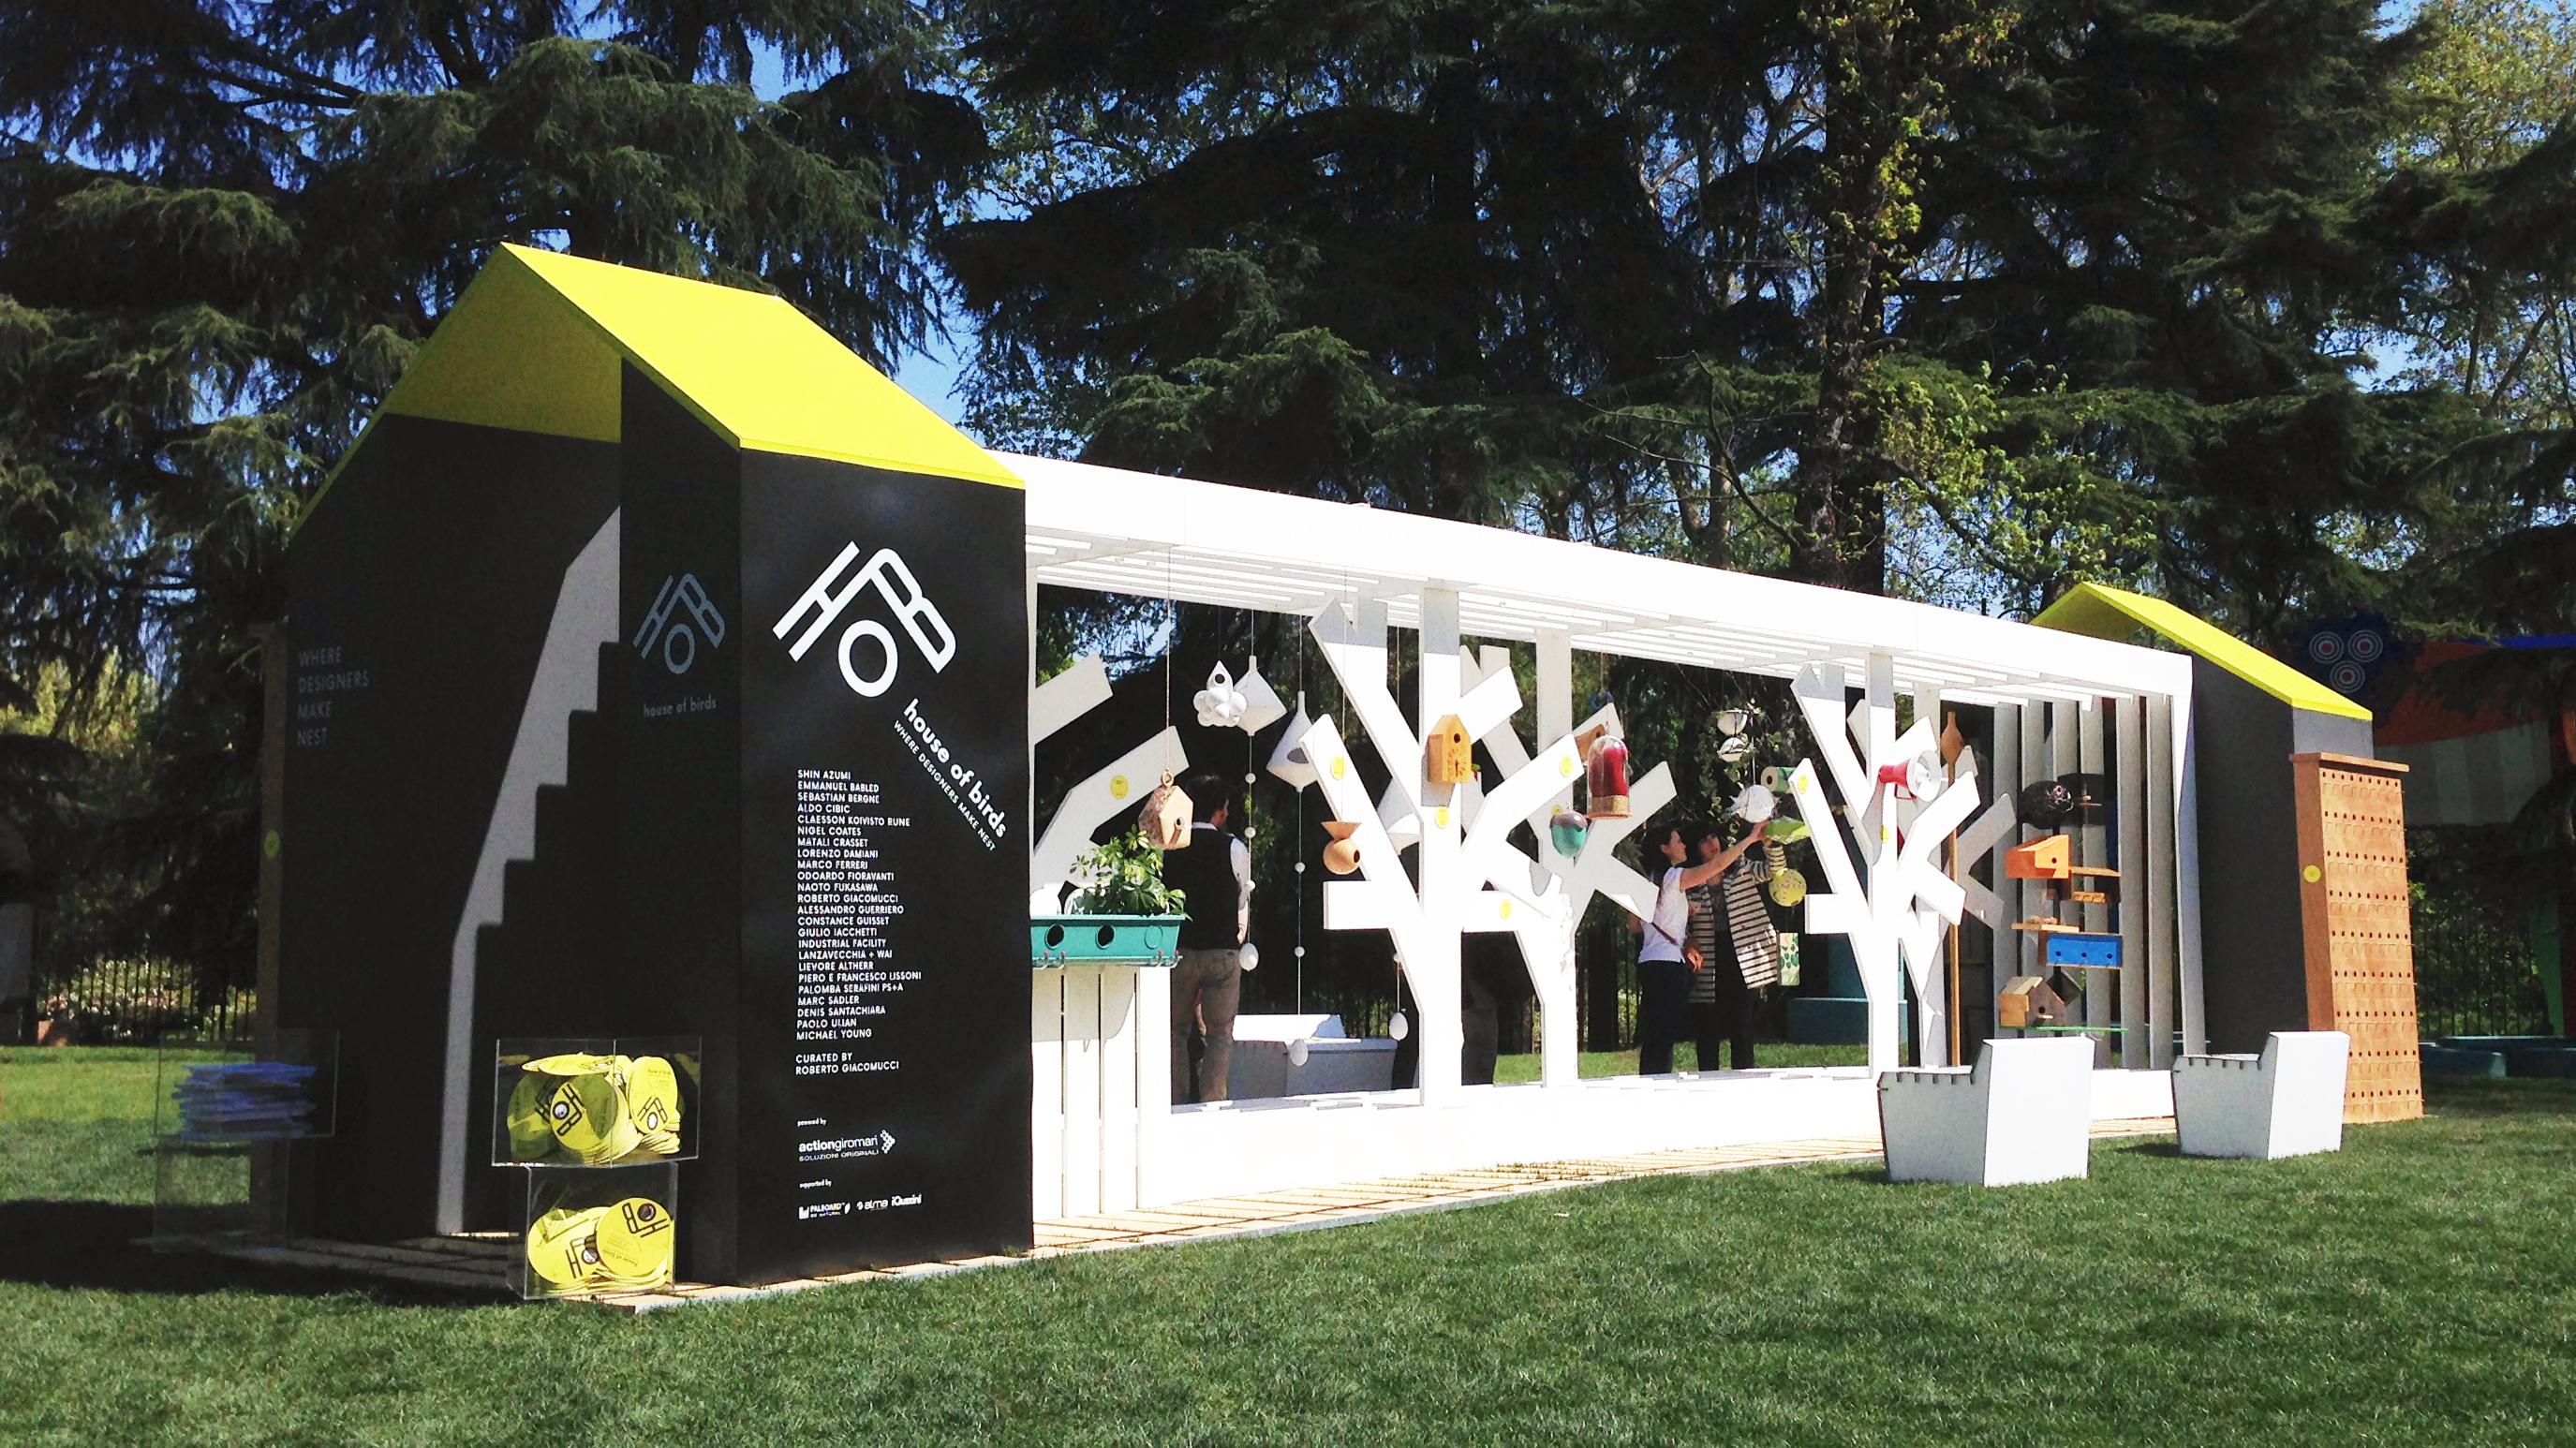 Triennale design week le esposizioni eco da non perdere for Giardino triennale